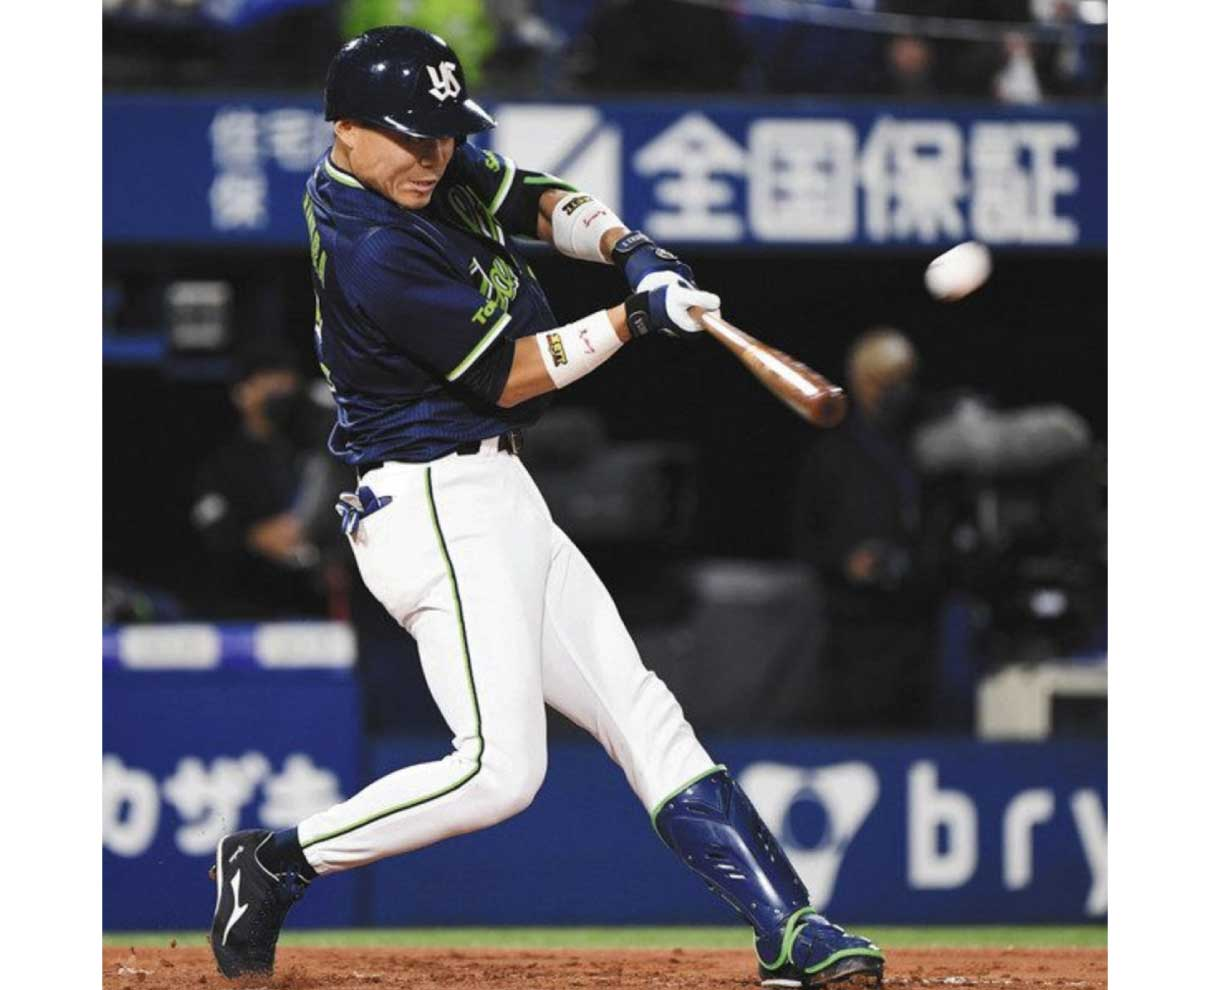 プロ野球ヤクルト リーグV  中村選手 チームの要  攻守で活躍県内関係者喜び 福井商高出身